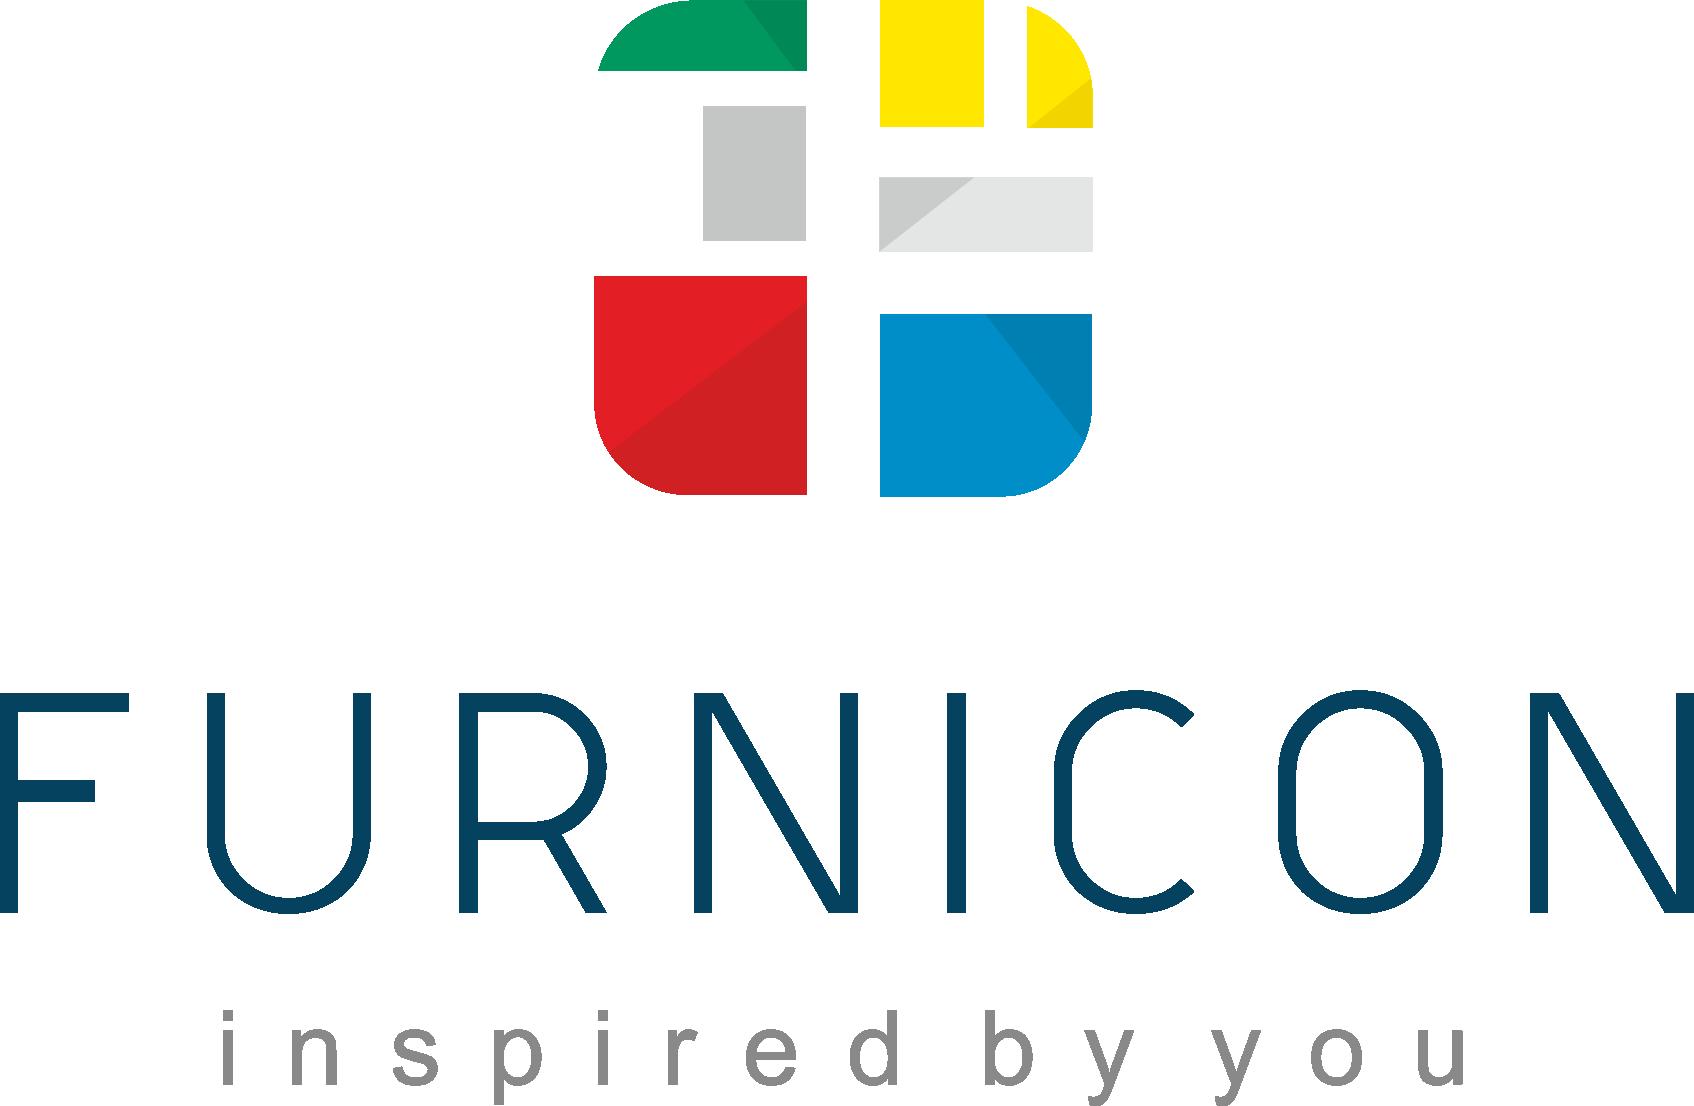 Furnicon Ltd